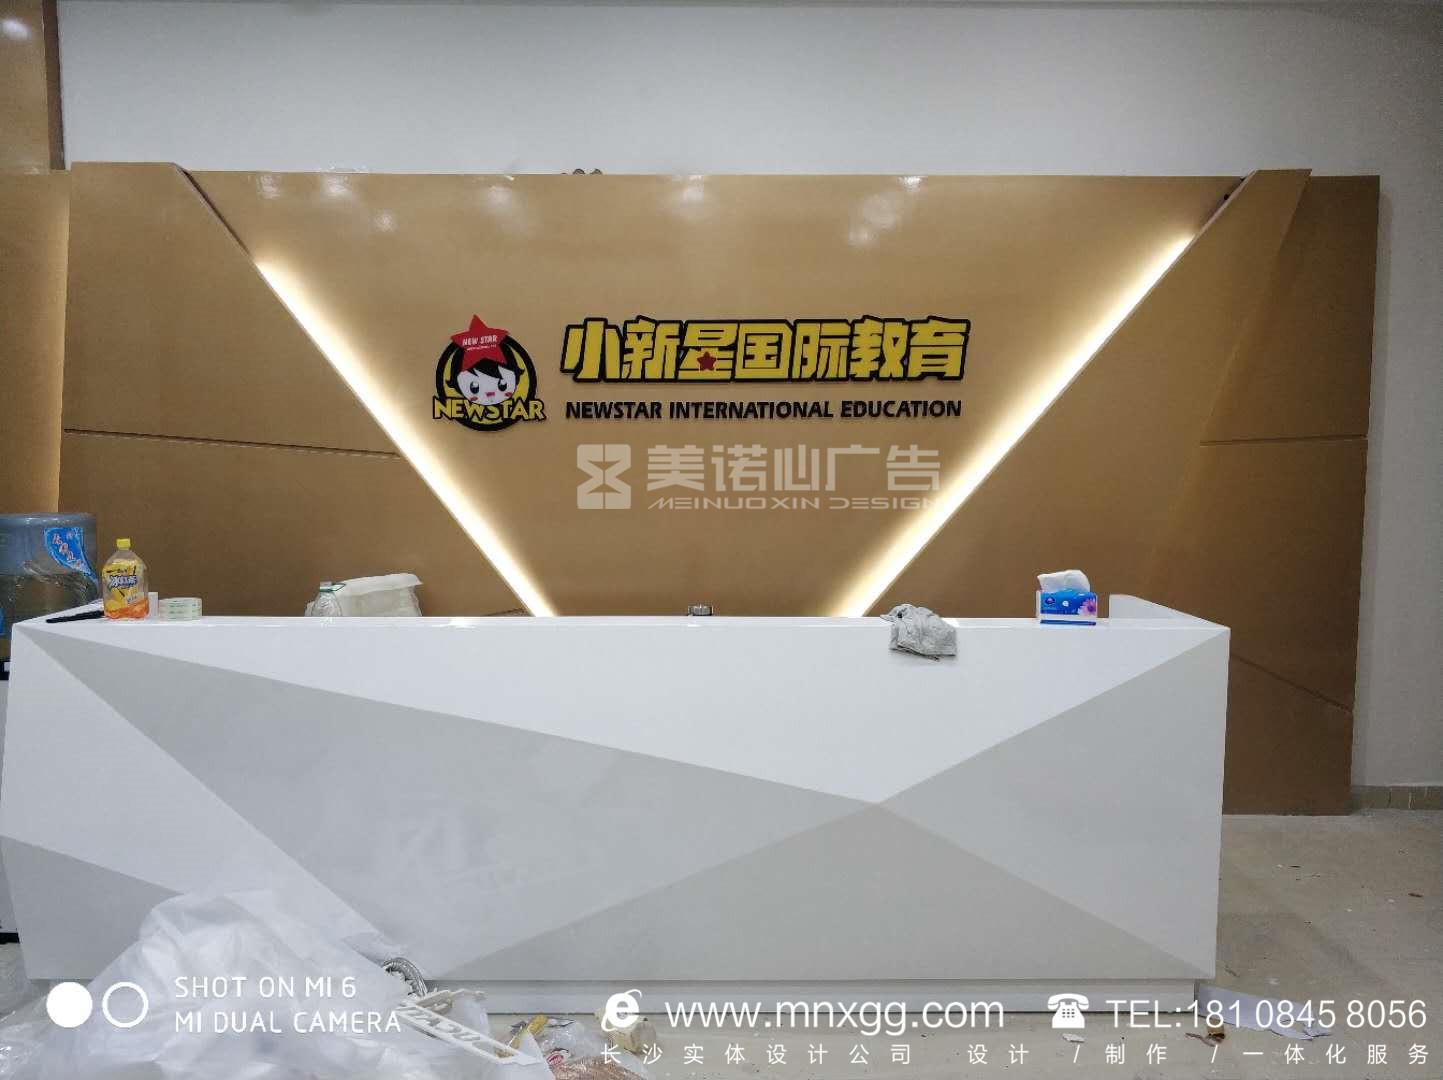 小新星国际学育——公司前台形象墙制作